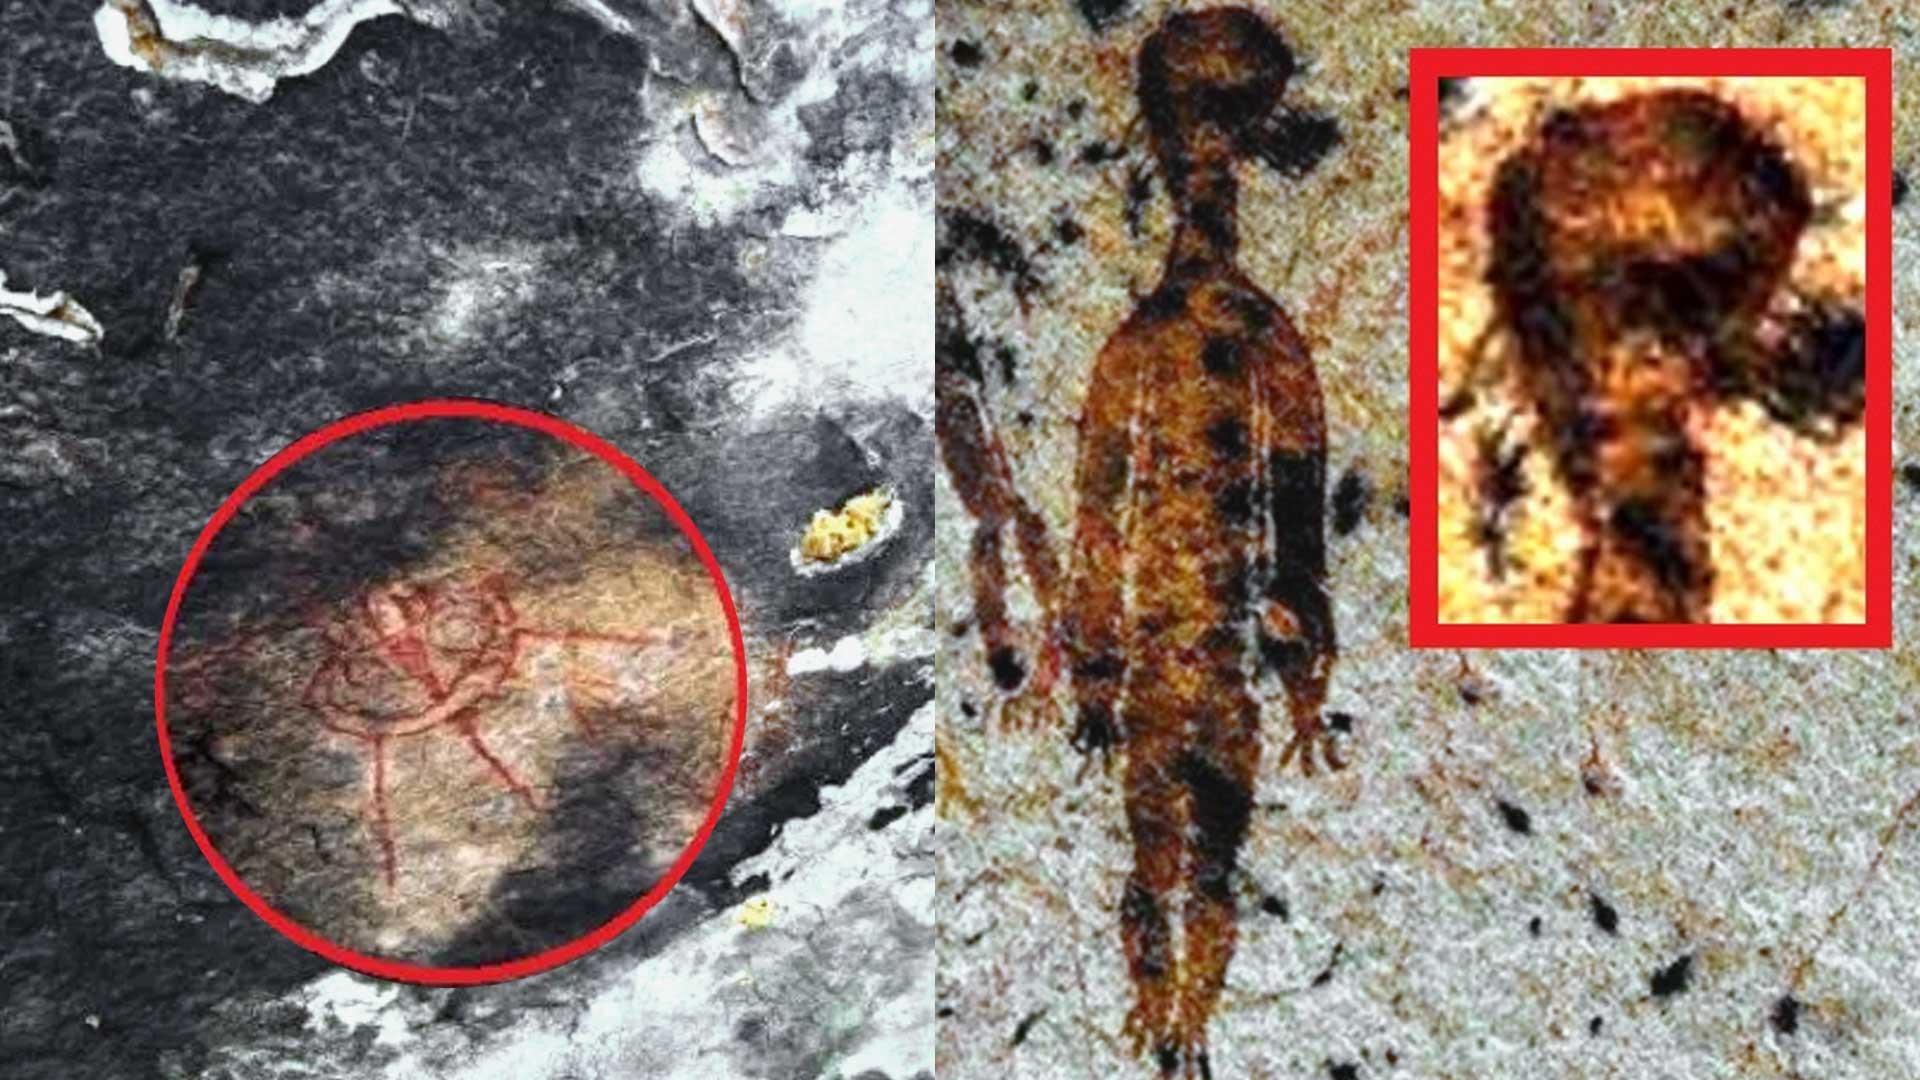 Pinturas rupestres muestran alienígenas en India con más de 10.000 años